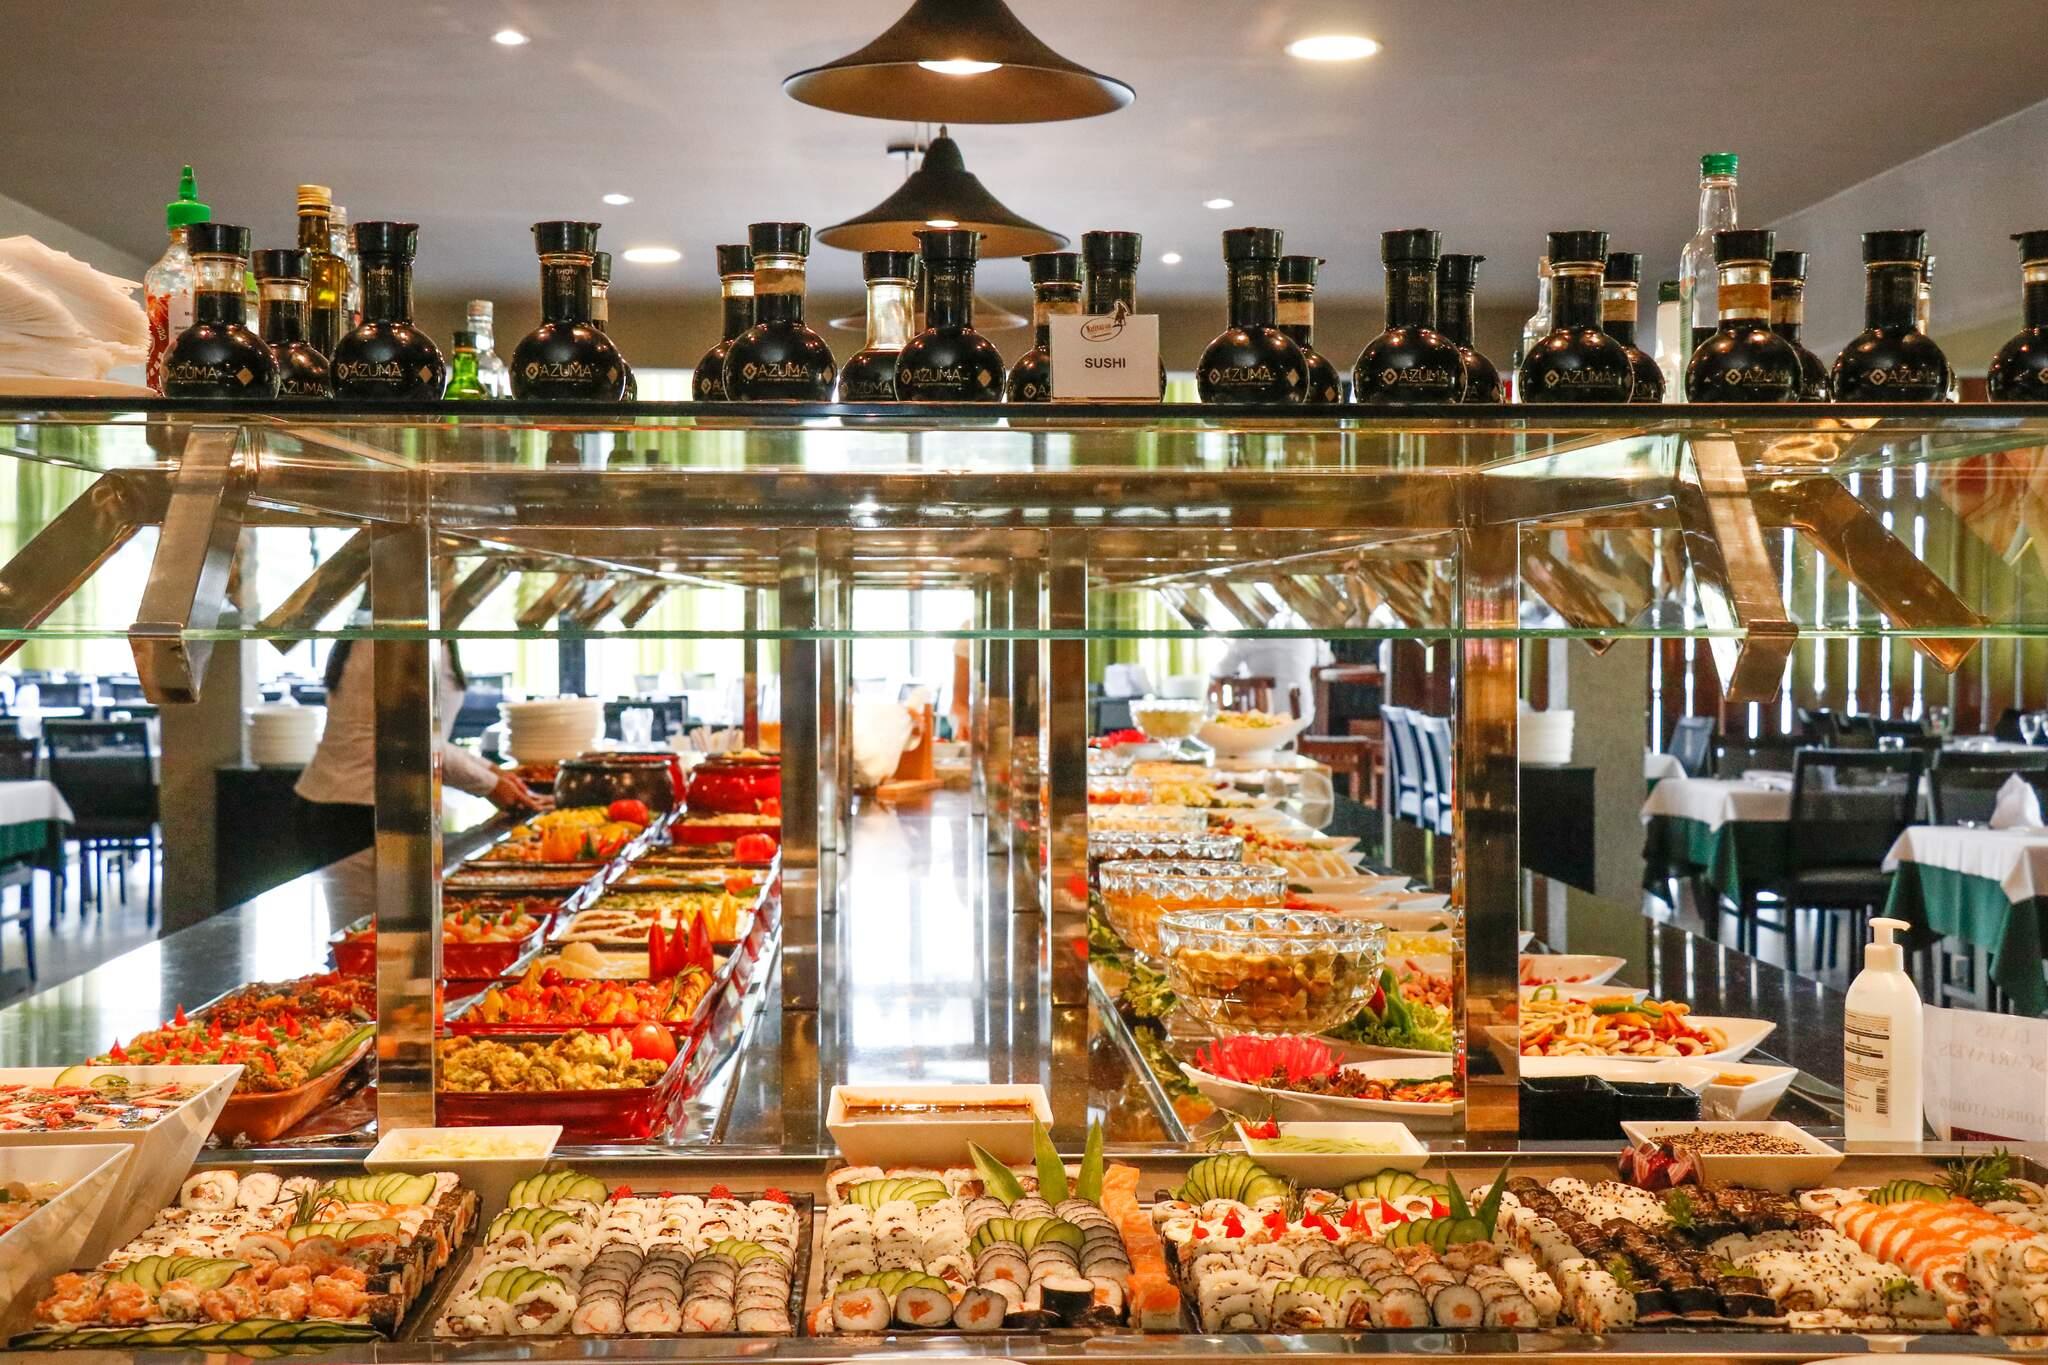 Buffet completo para você saborear culinária de diferentes regiões do mundo. (Foto: Henrique Kawaminami)